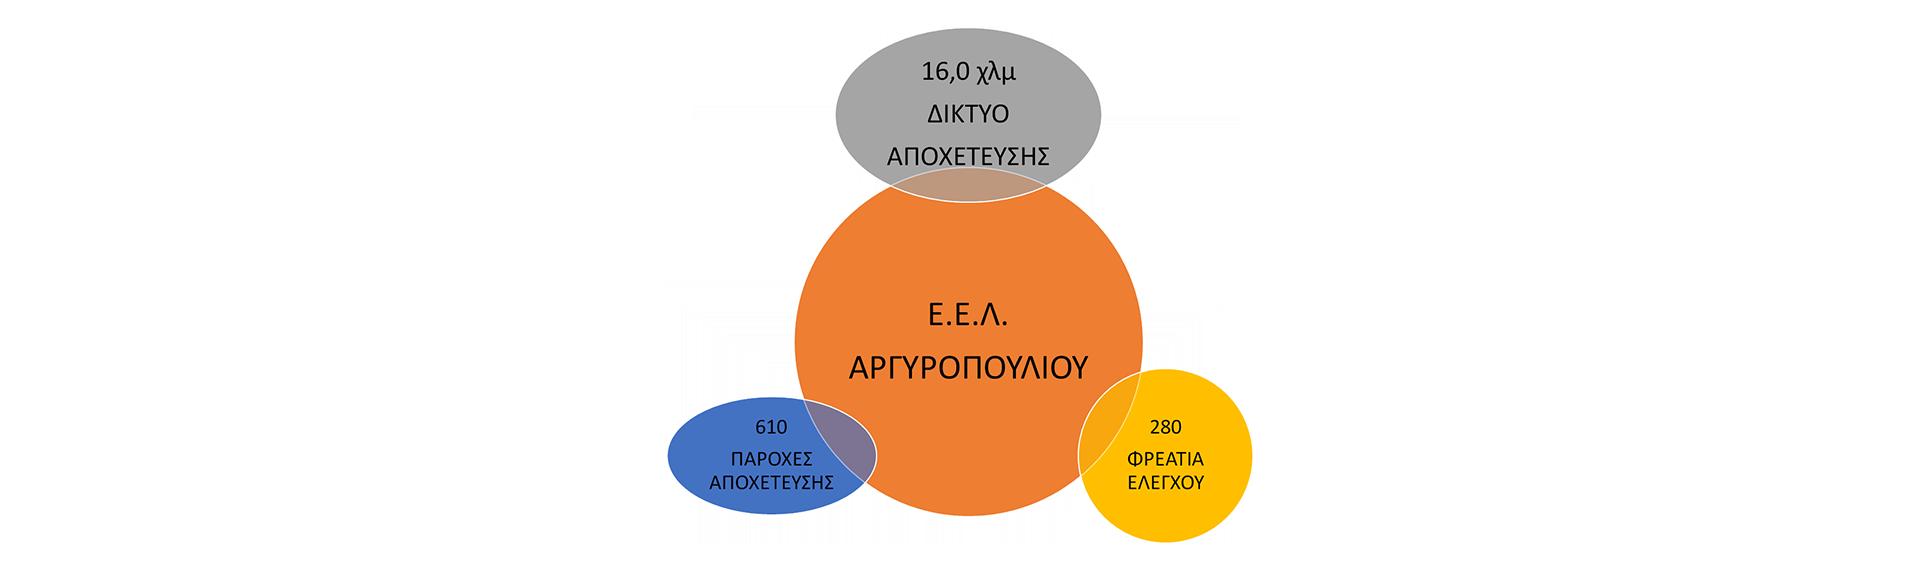 Δίκτυο Ακαθάρτων image